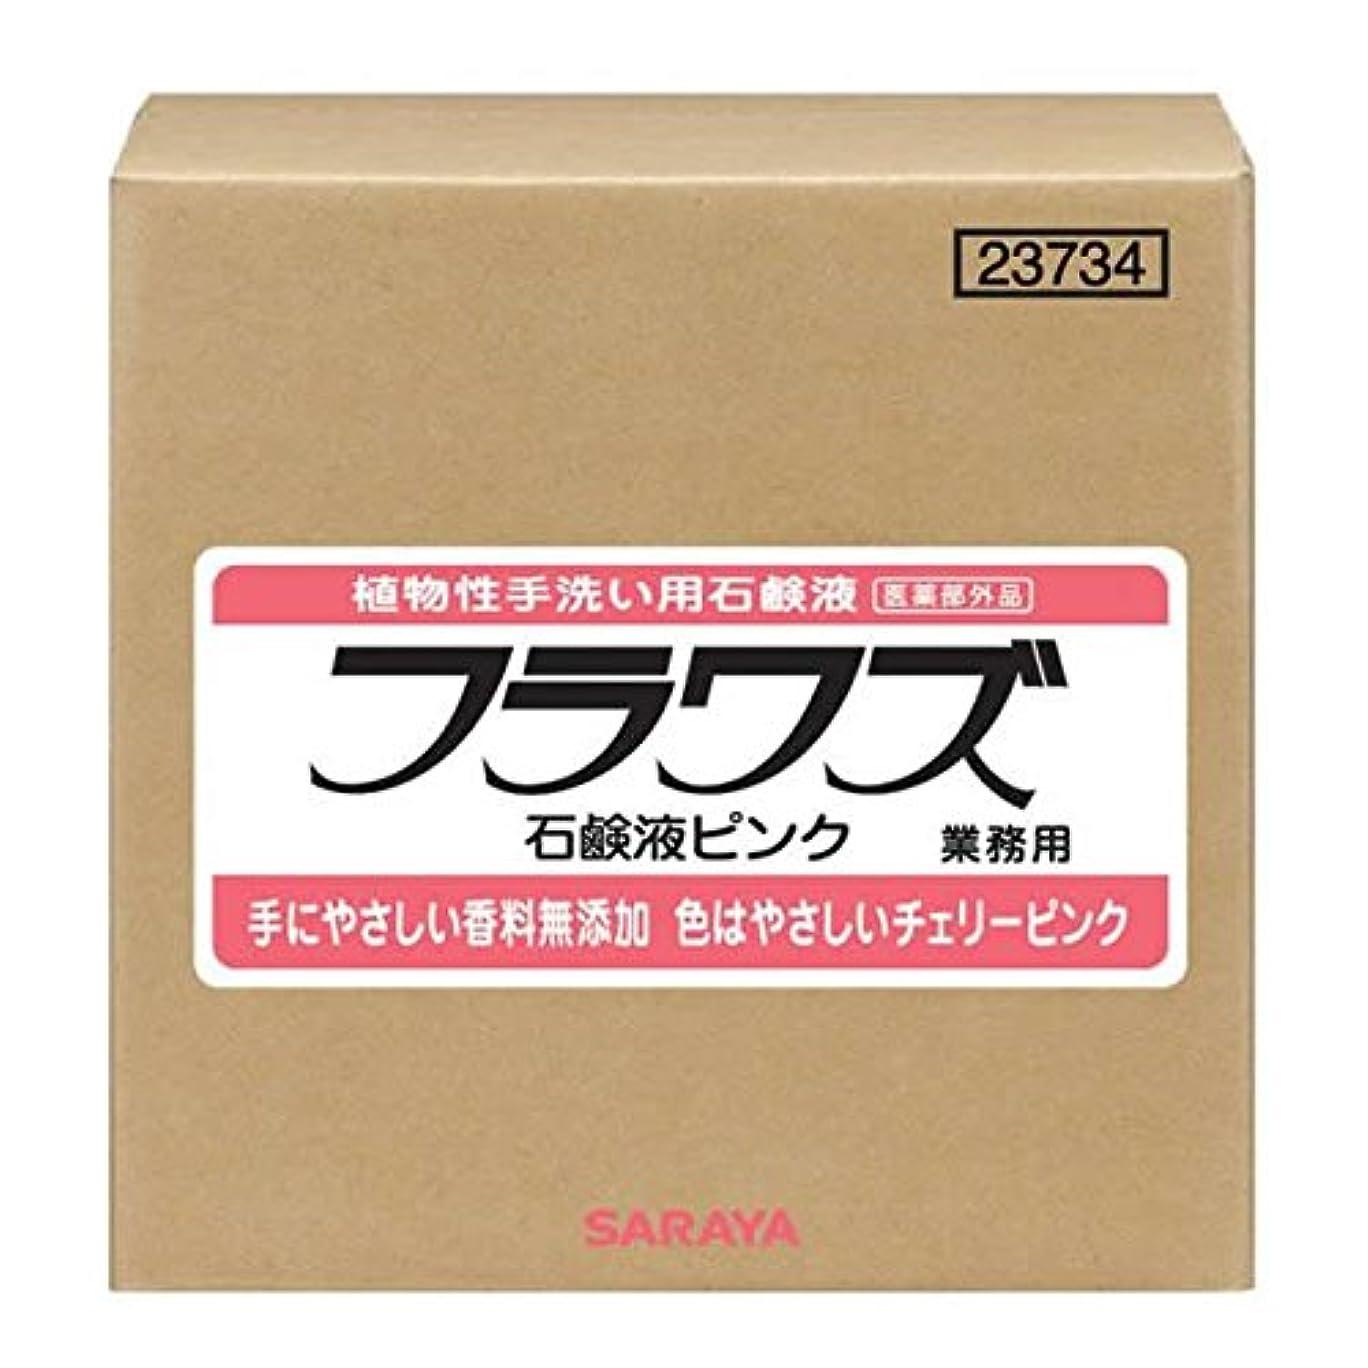 ボア歯車不格好サラヤ フラワズ石鹸液ピンク 20kg BIB 1箱